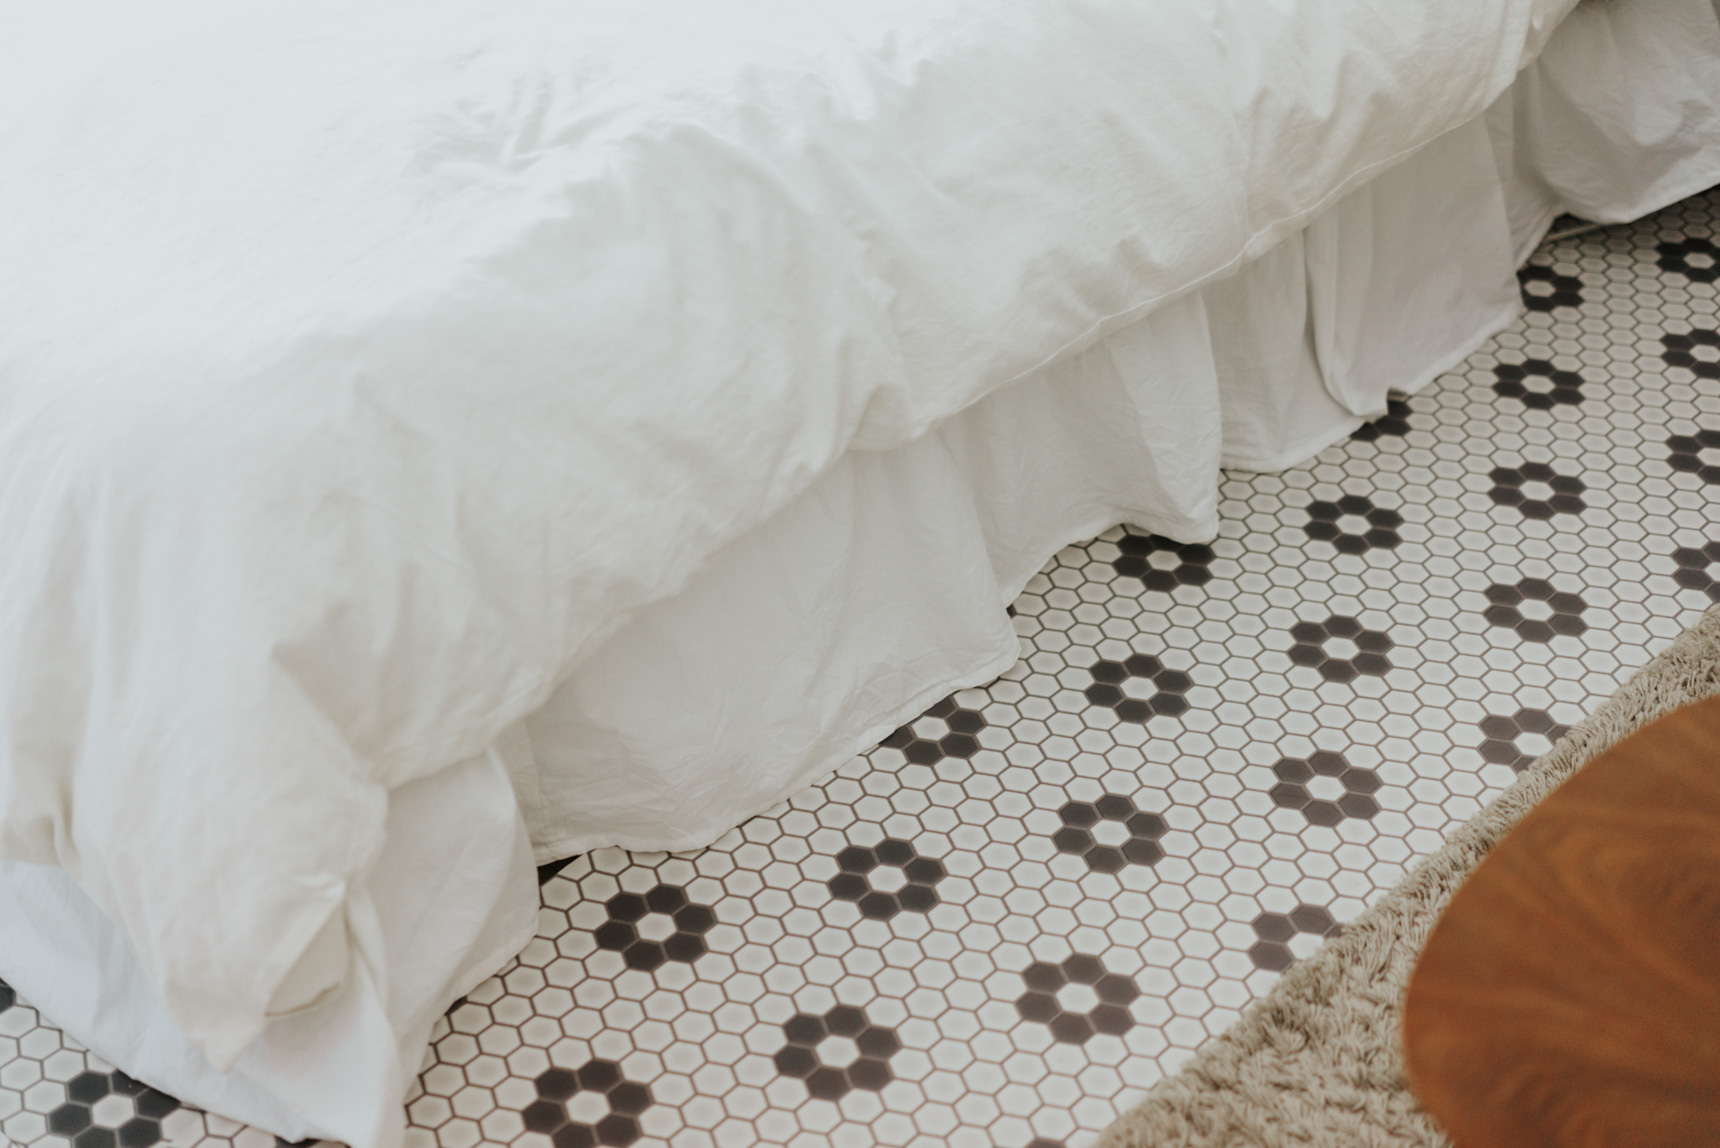 「ベッドスカート」と呼ばれるカバーをかけて「きちんと隠す」ことで、驚くほど印象が変わります。